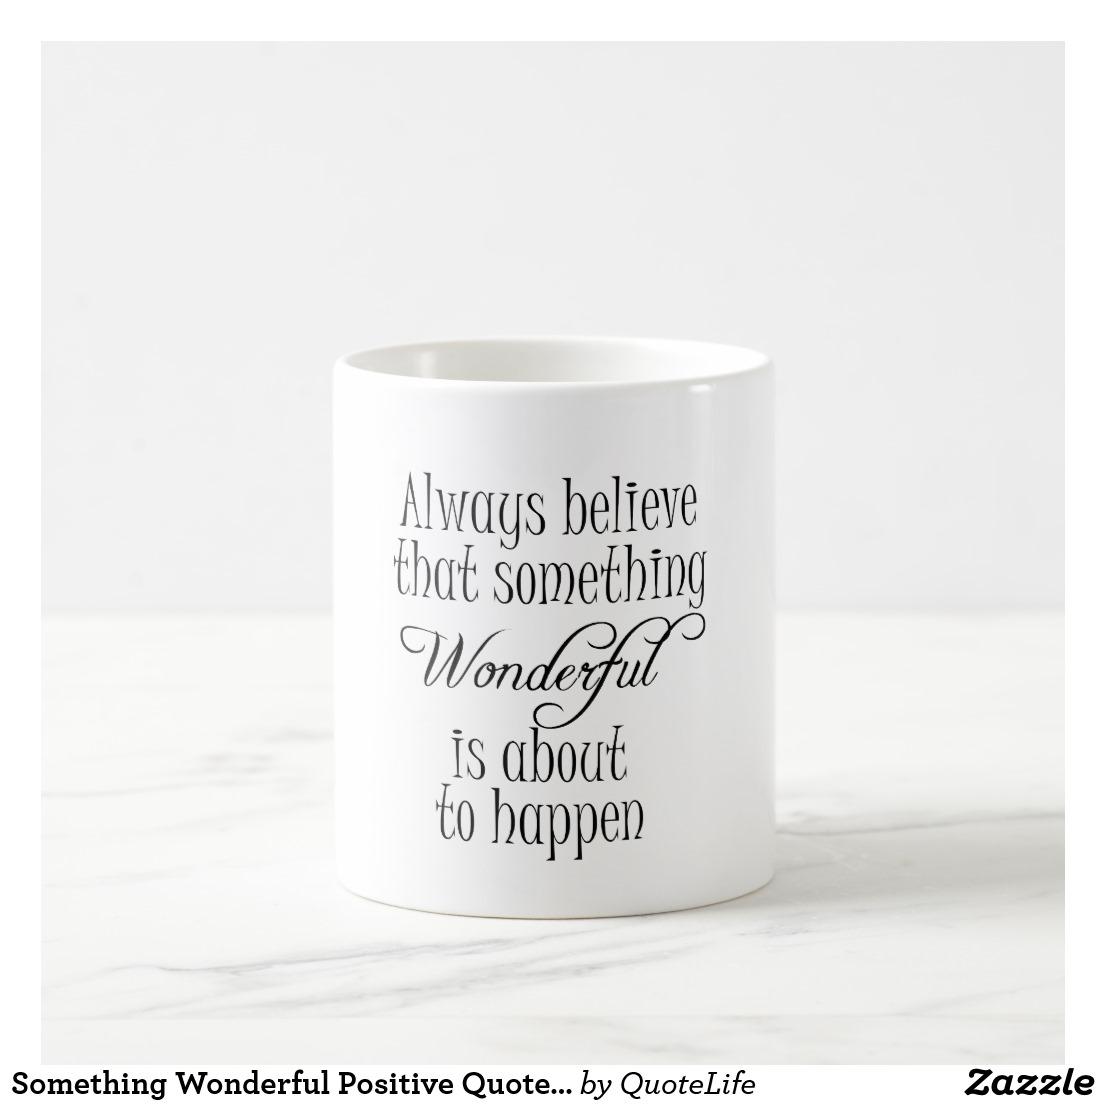 Something Wonderful Positive Quote Affirmation Coffee Mug Image